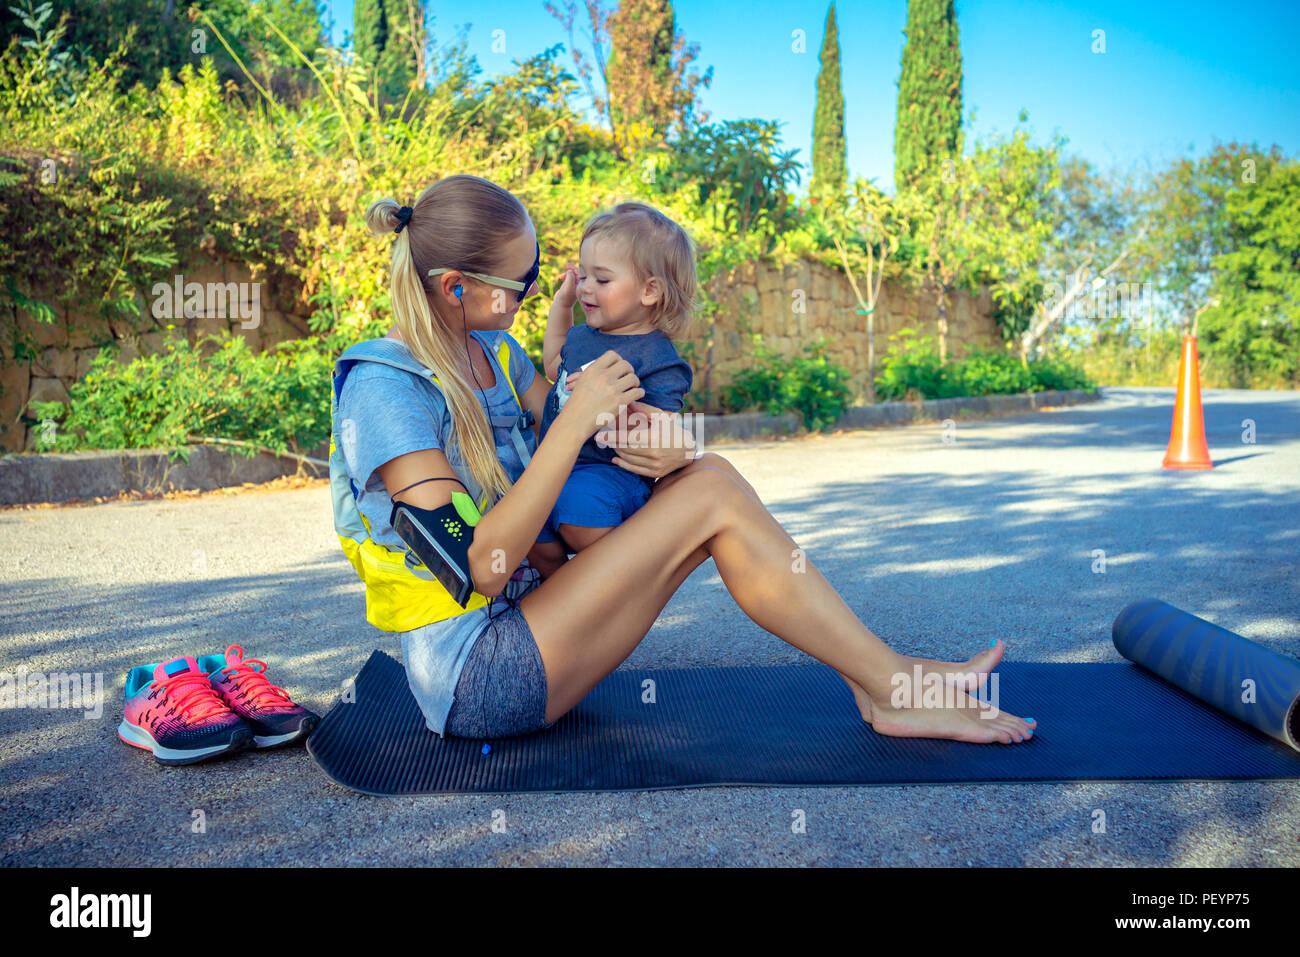 La madre con el bebé haciendo ejercicio al aire libre en el parque en un brillante día soleado, familia feliz juntos jugando deportes, vida activa saludable Imagen De Stock